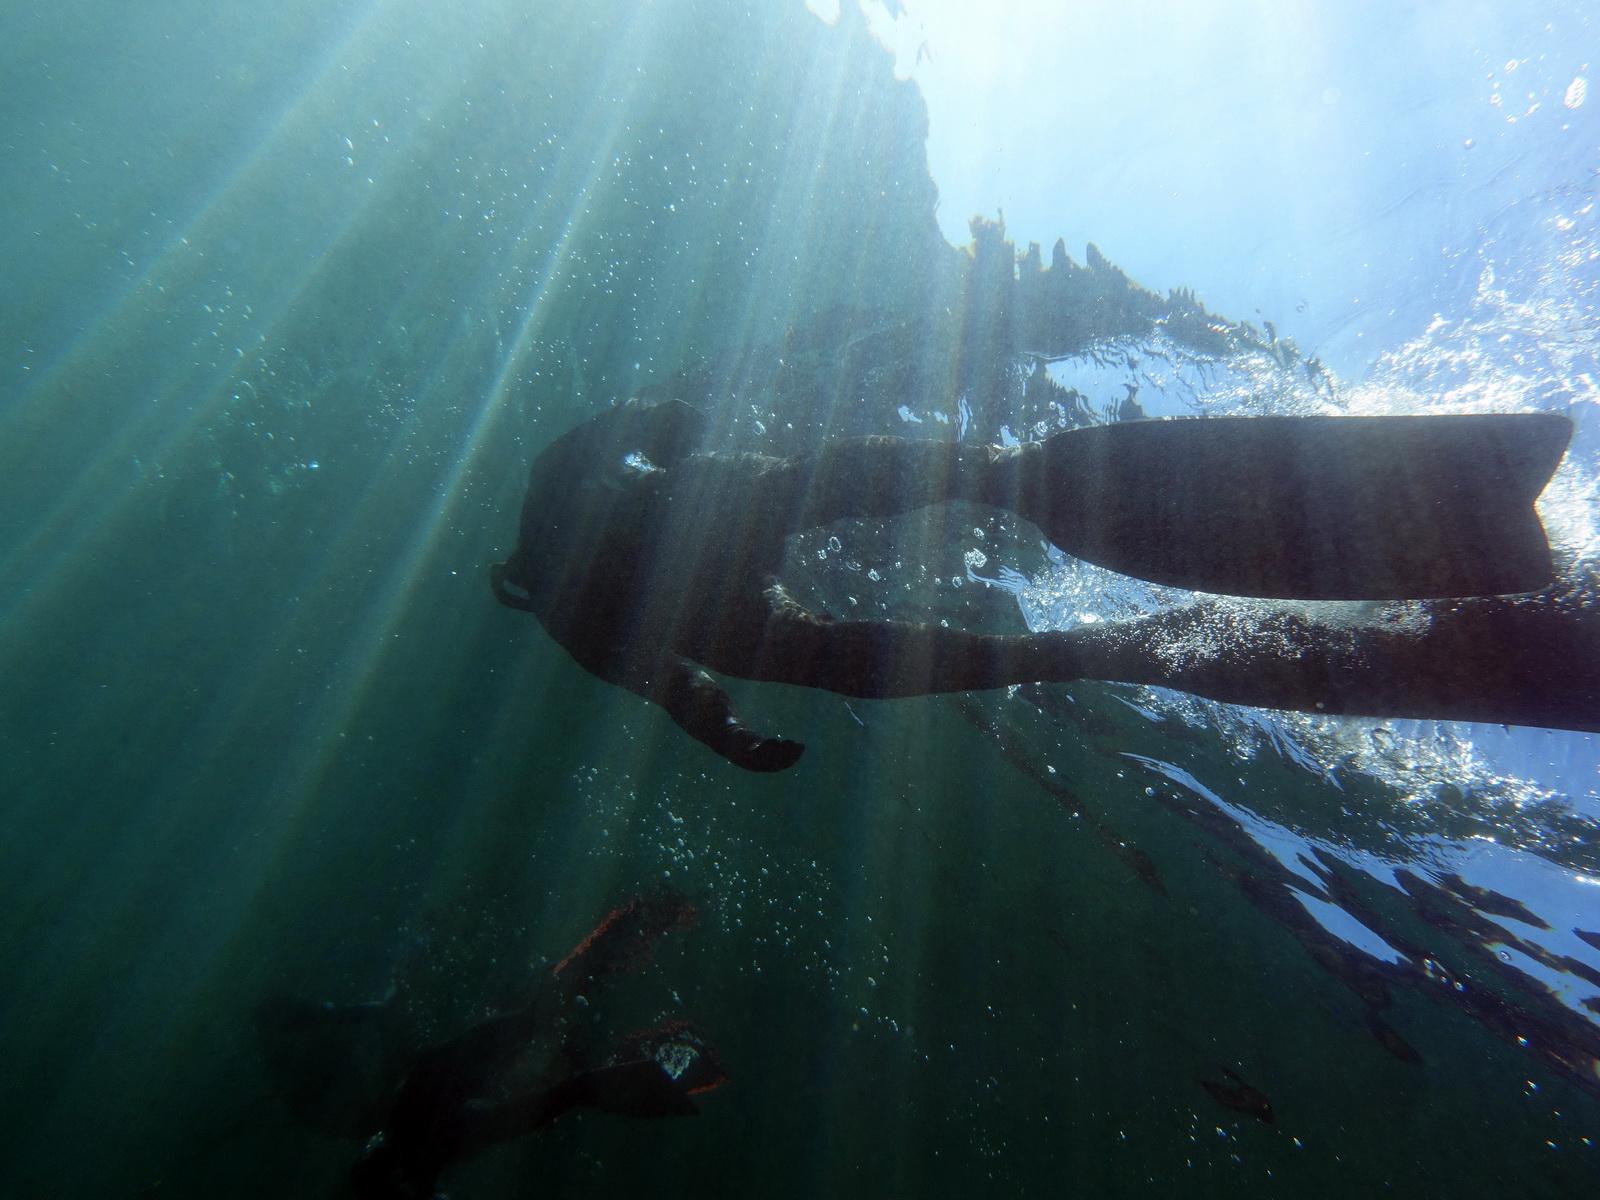 Freediver nähert sich der Wasseroberfläche